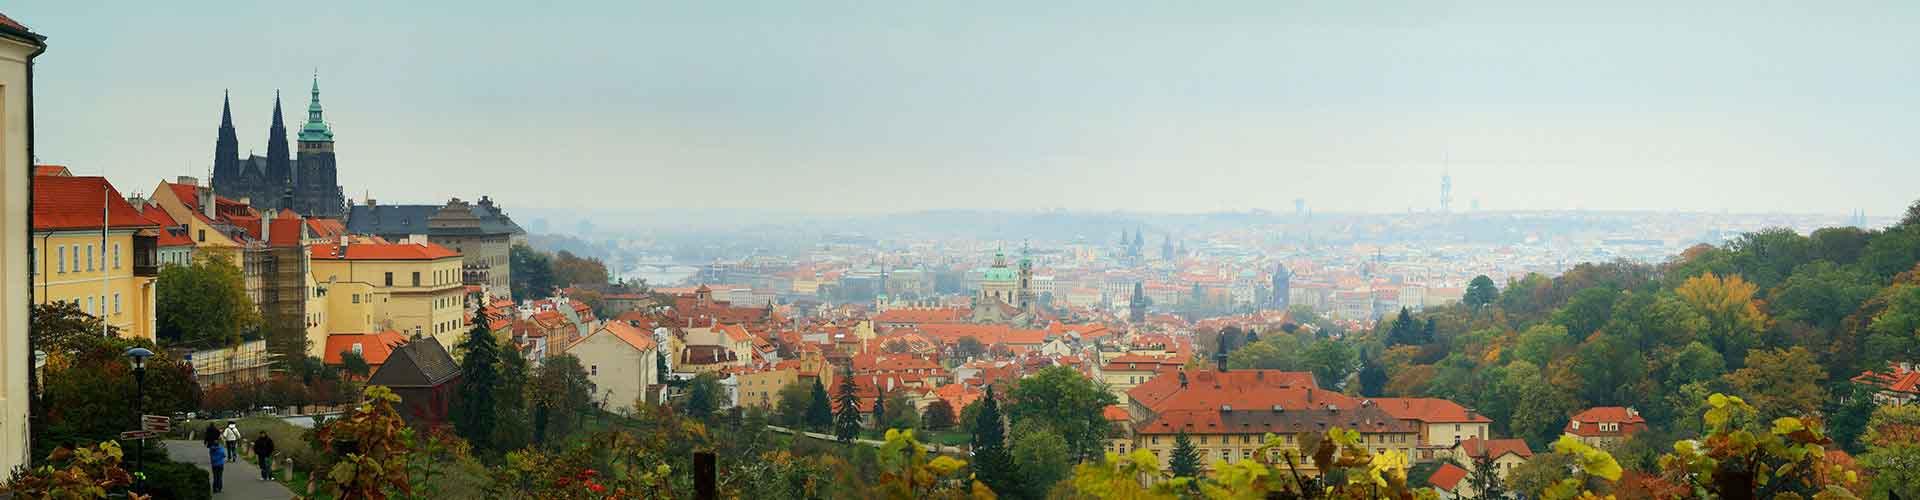 Praga - Albergues en el distrito Praga 3 . Mapas de Praga, Fotos y Comentarios para cada Albergue en Praga.